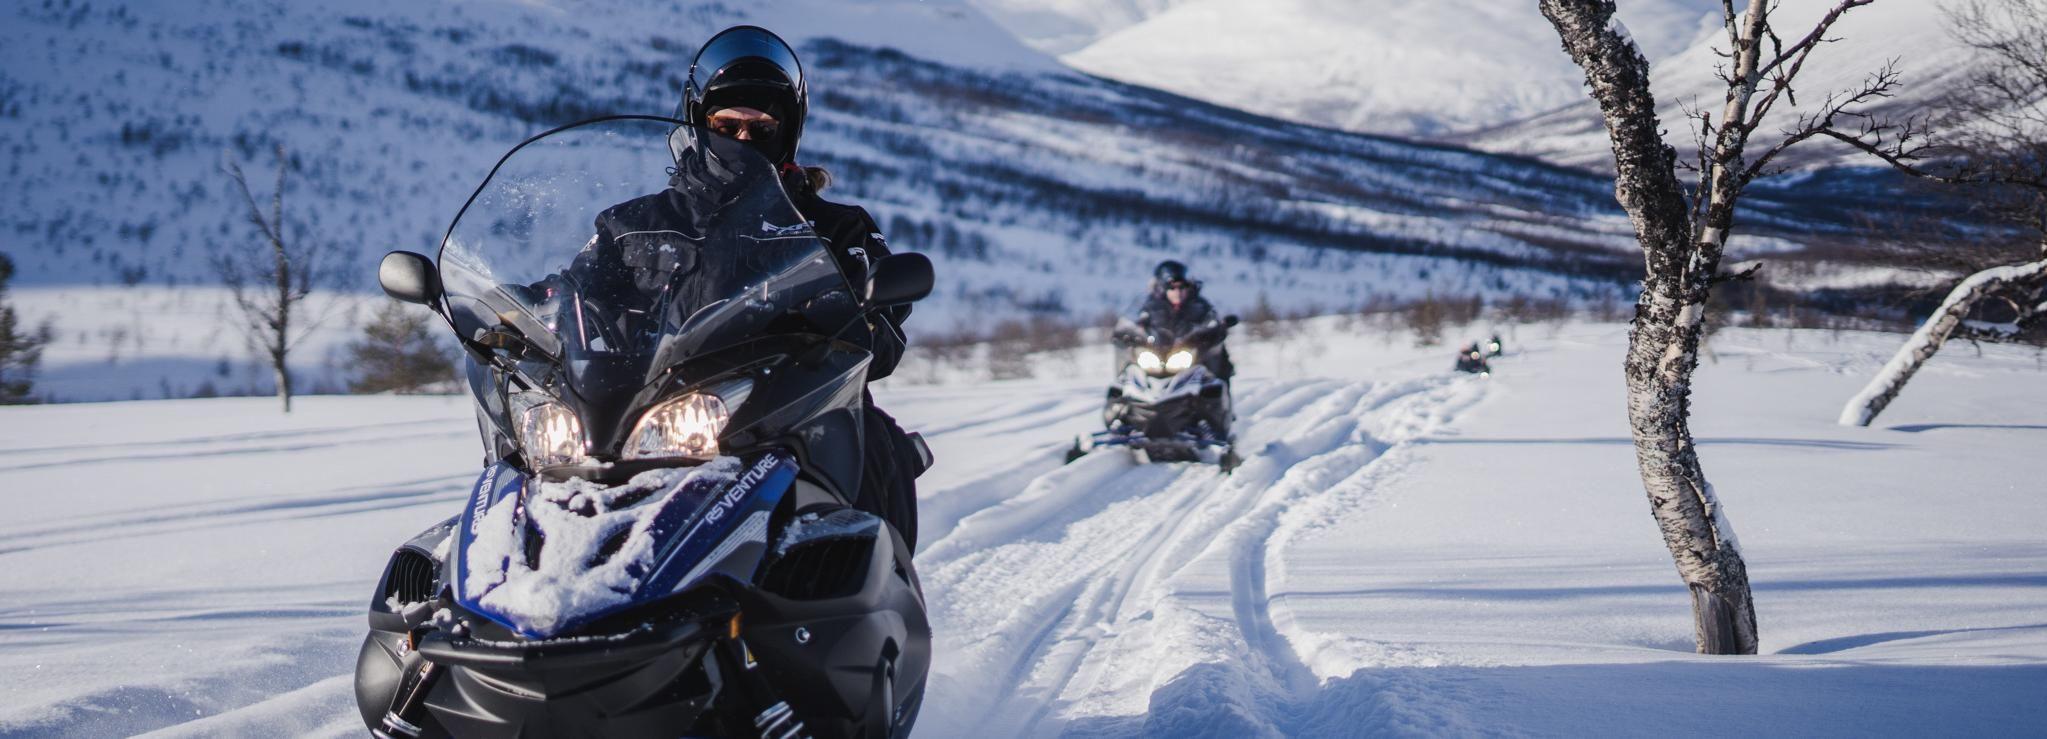 Tromsø: sneeuwscooteren en bezoek Ice Domes en rendieren